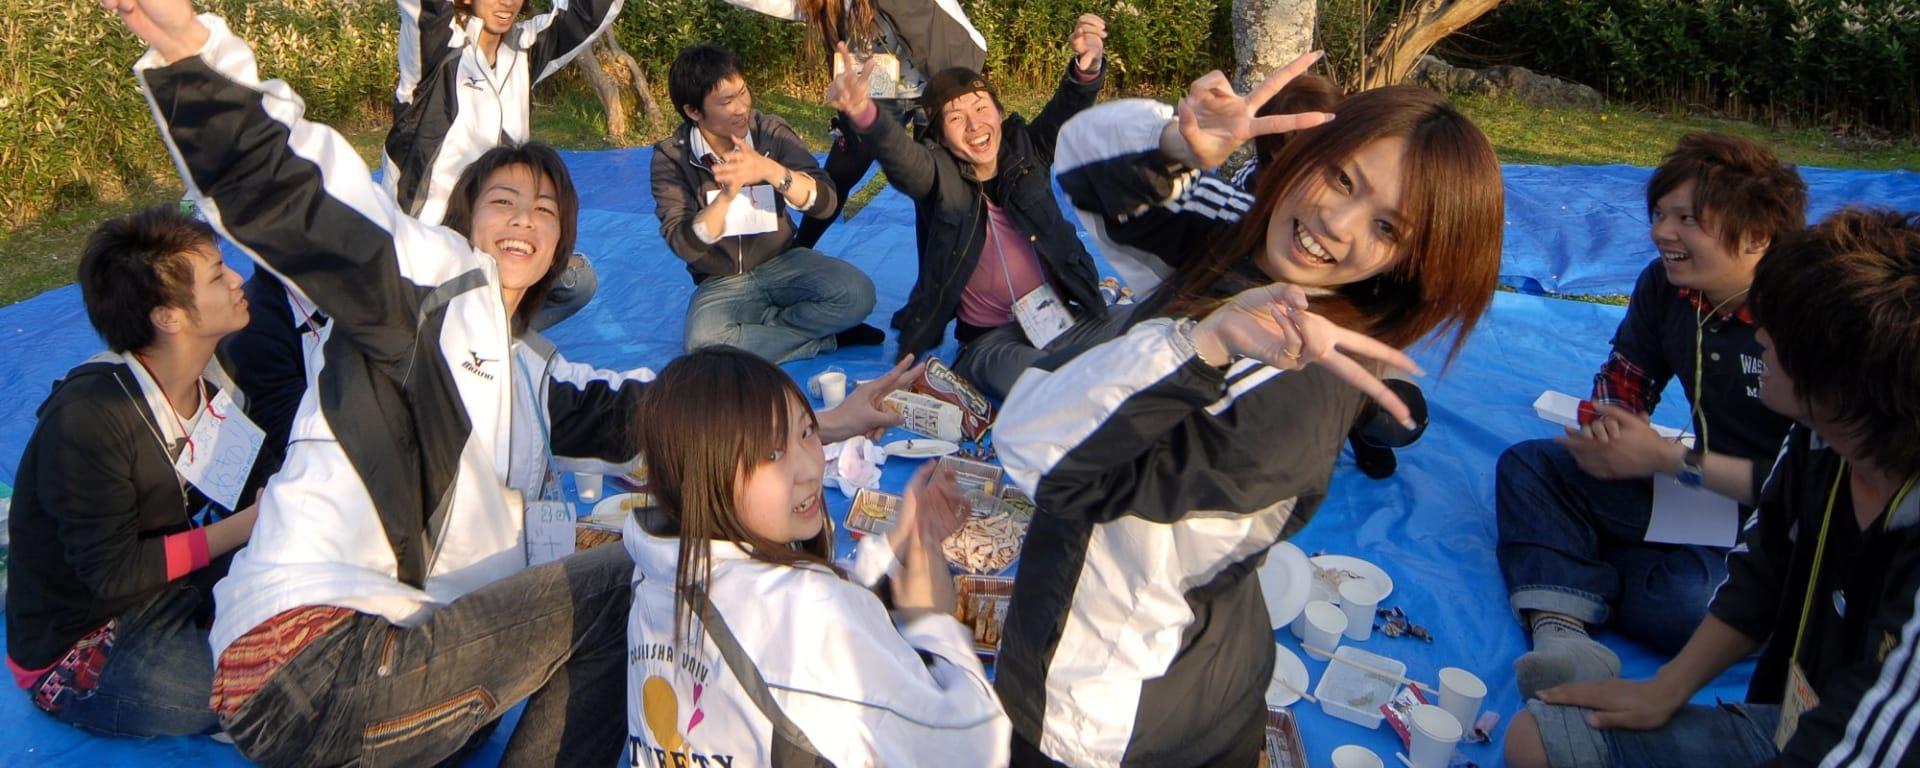 Le Japon classique de Tokyo: Tokyo: party time